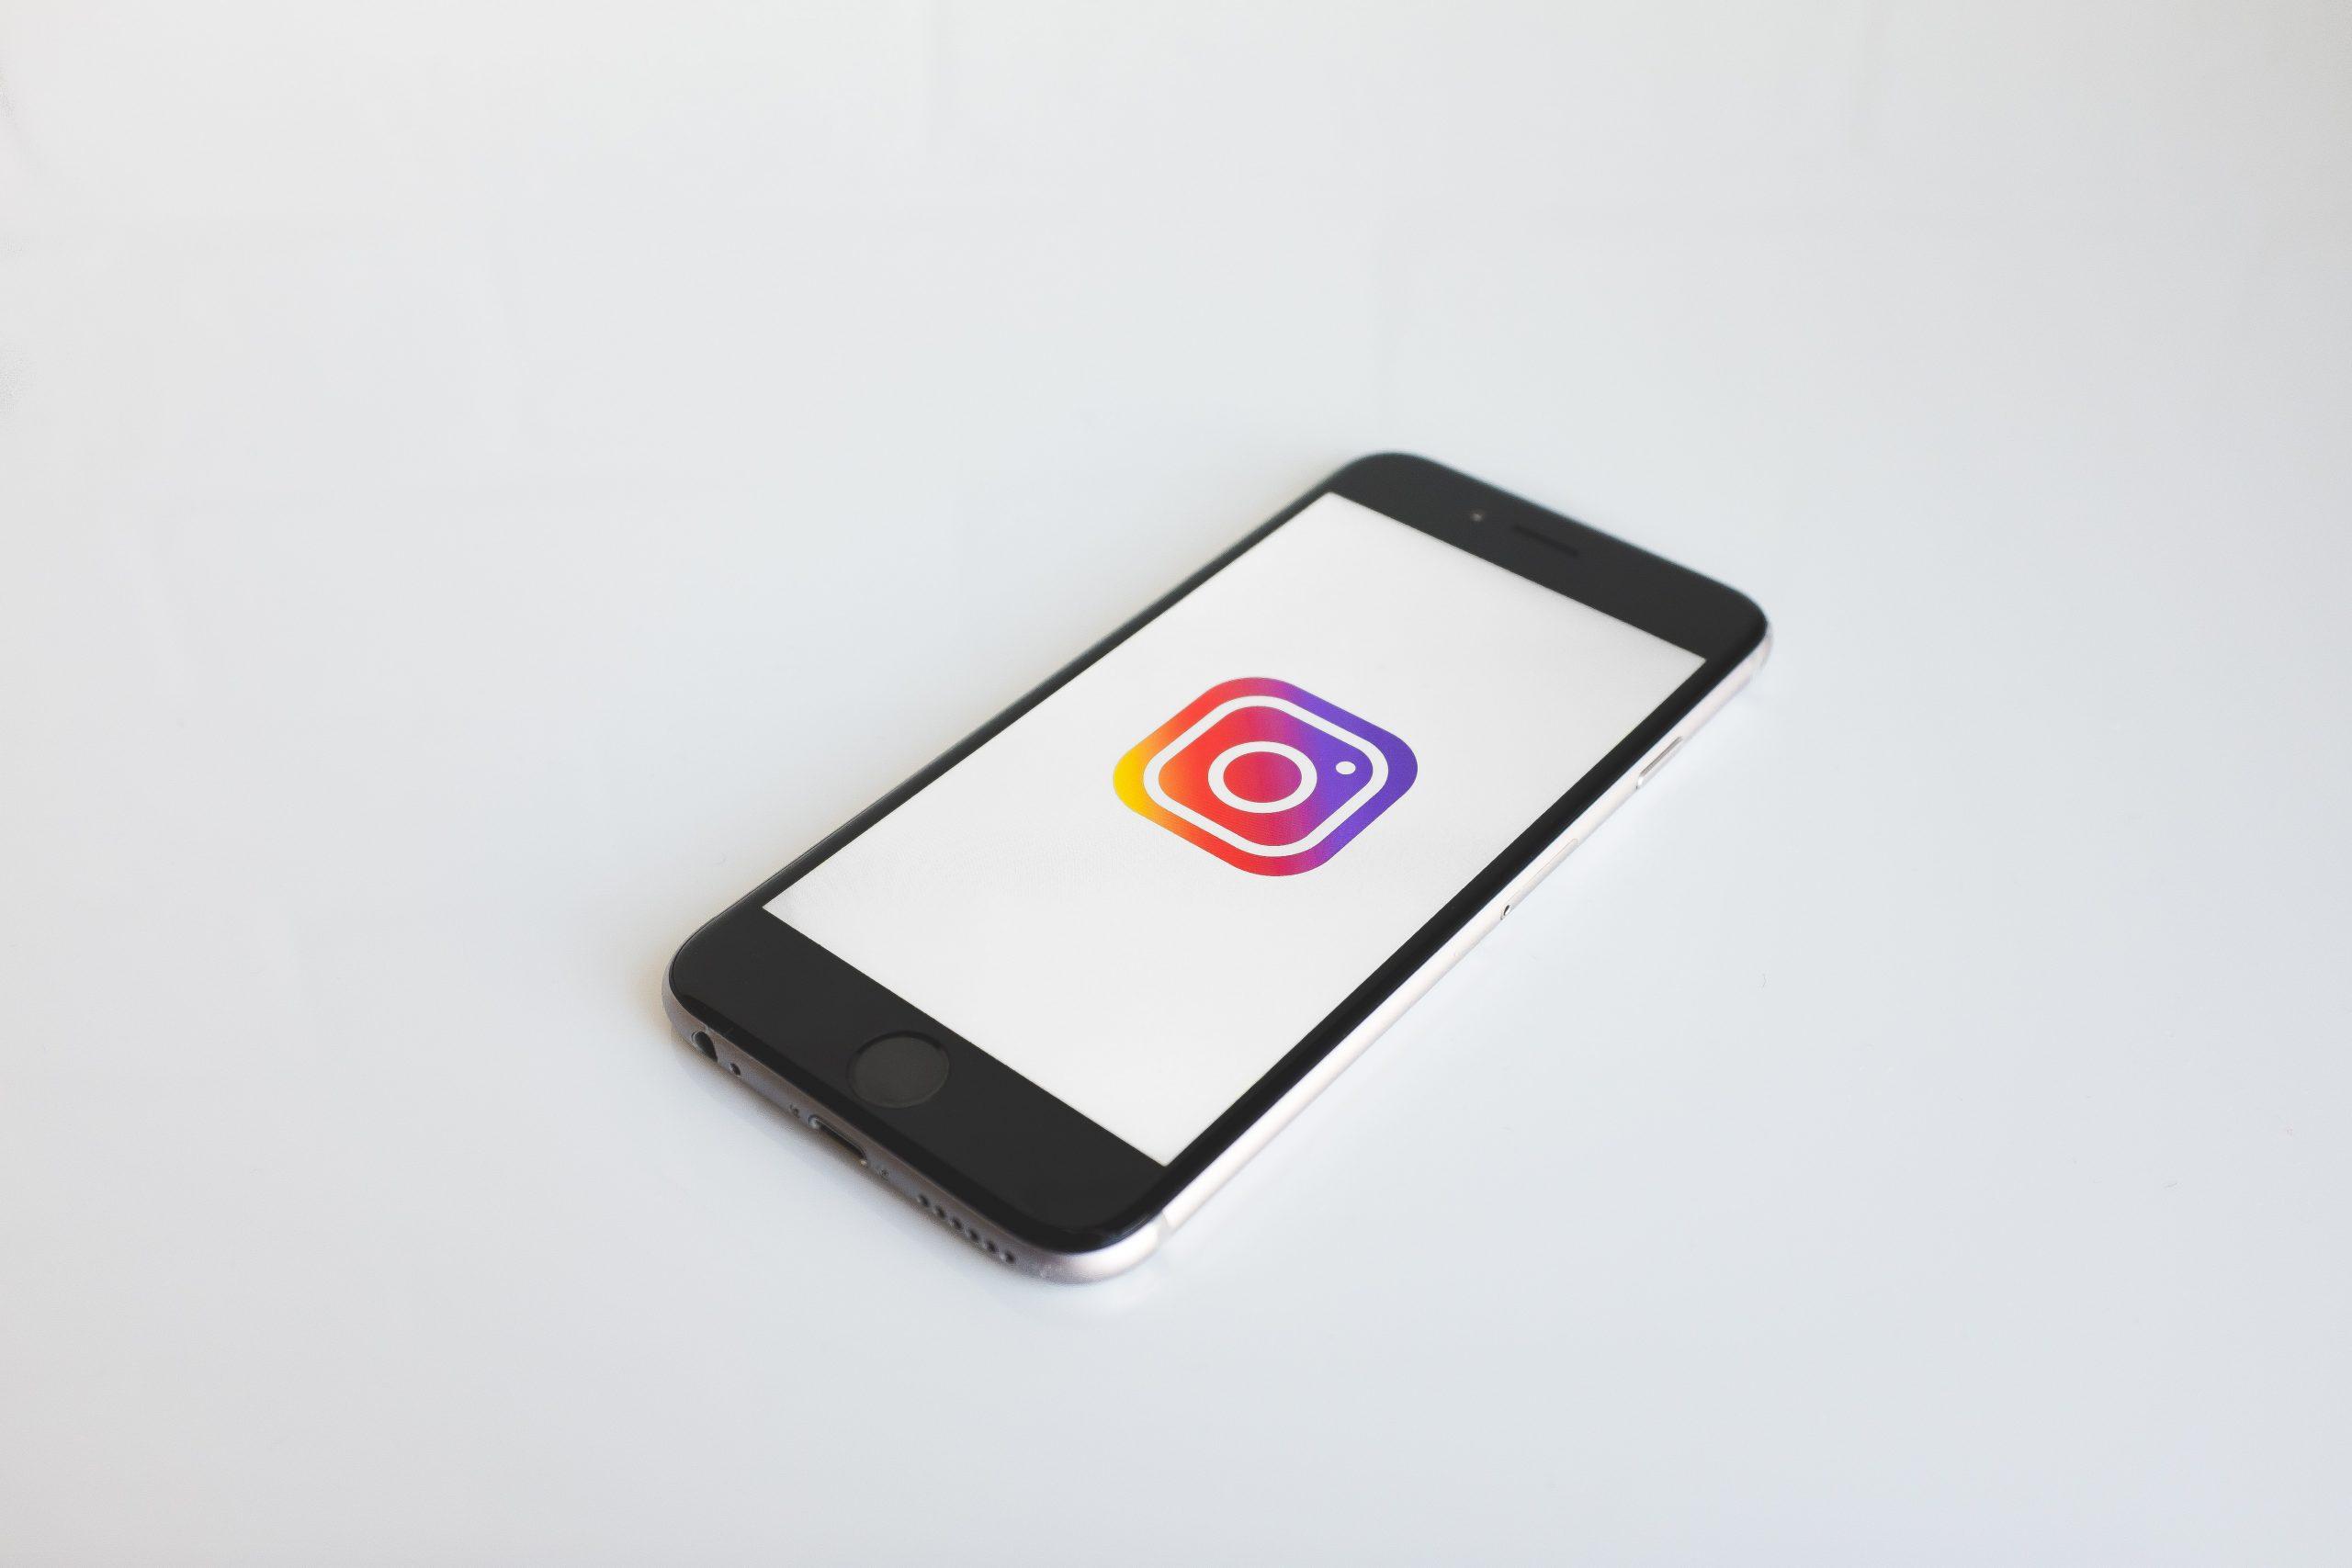 Celular em um fundo branco com a logo do instagram